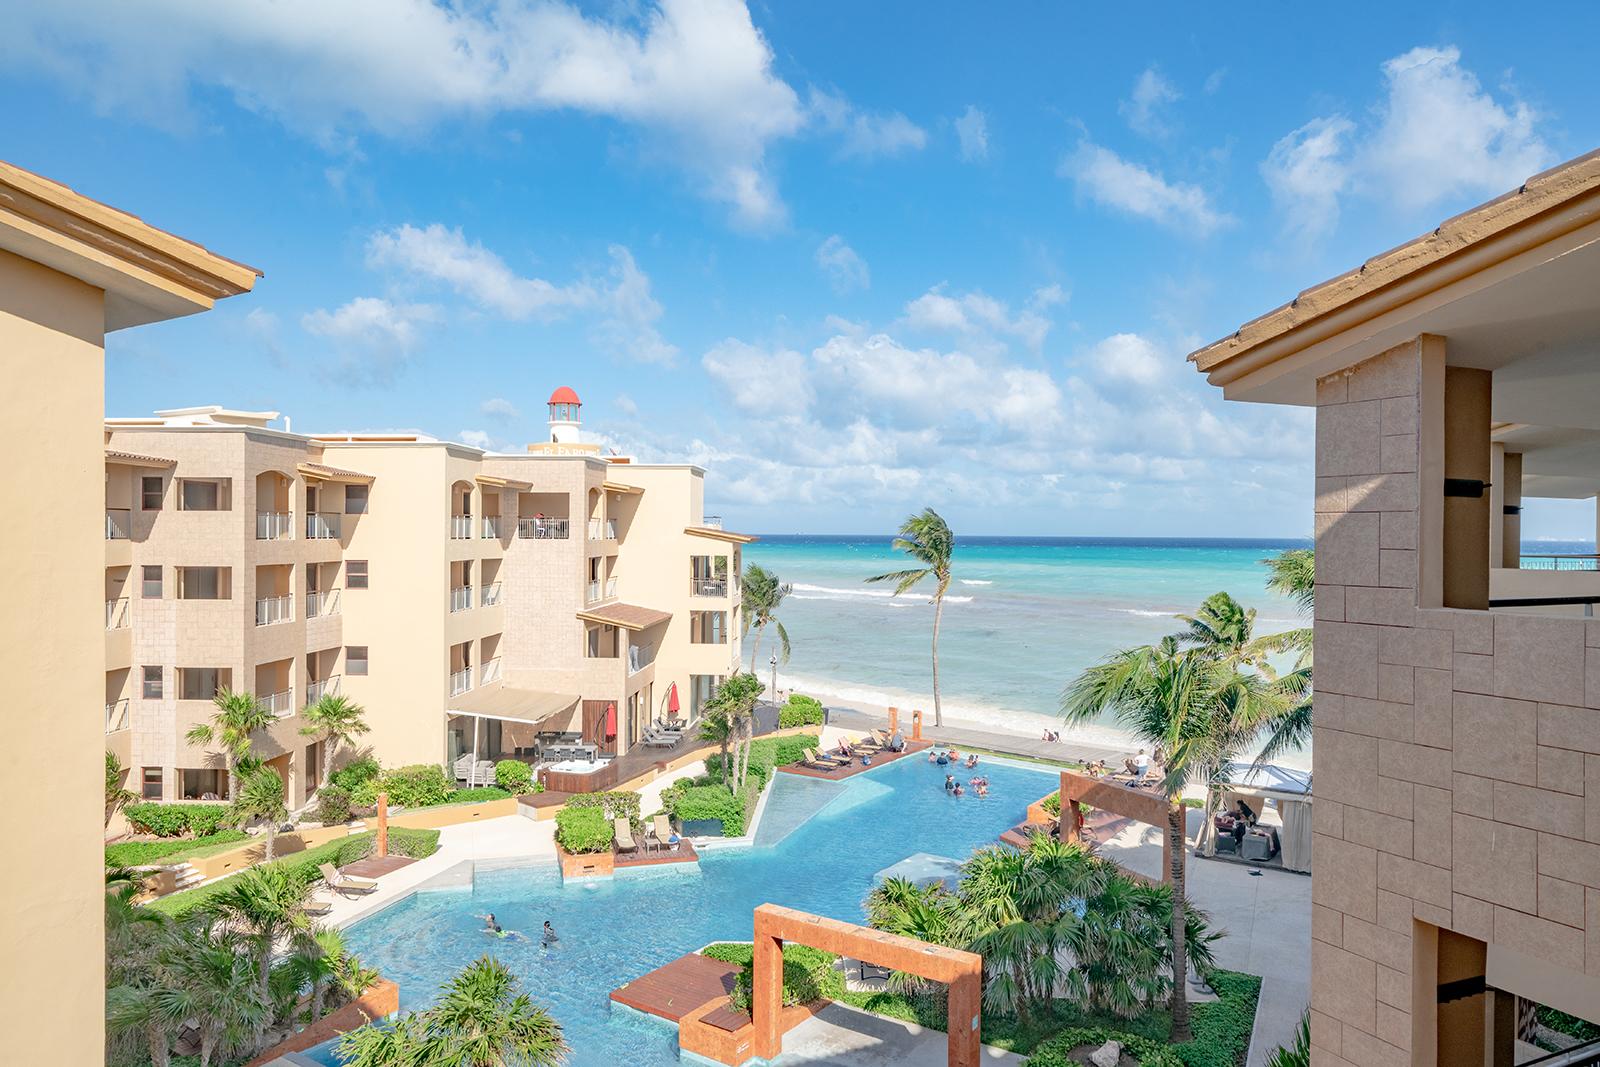 Penthouse El Faro Reef 404 Playa del Carmen Condo Home For Sale Real Estate to Buy